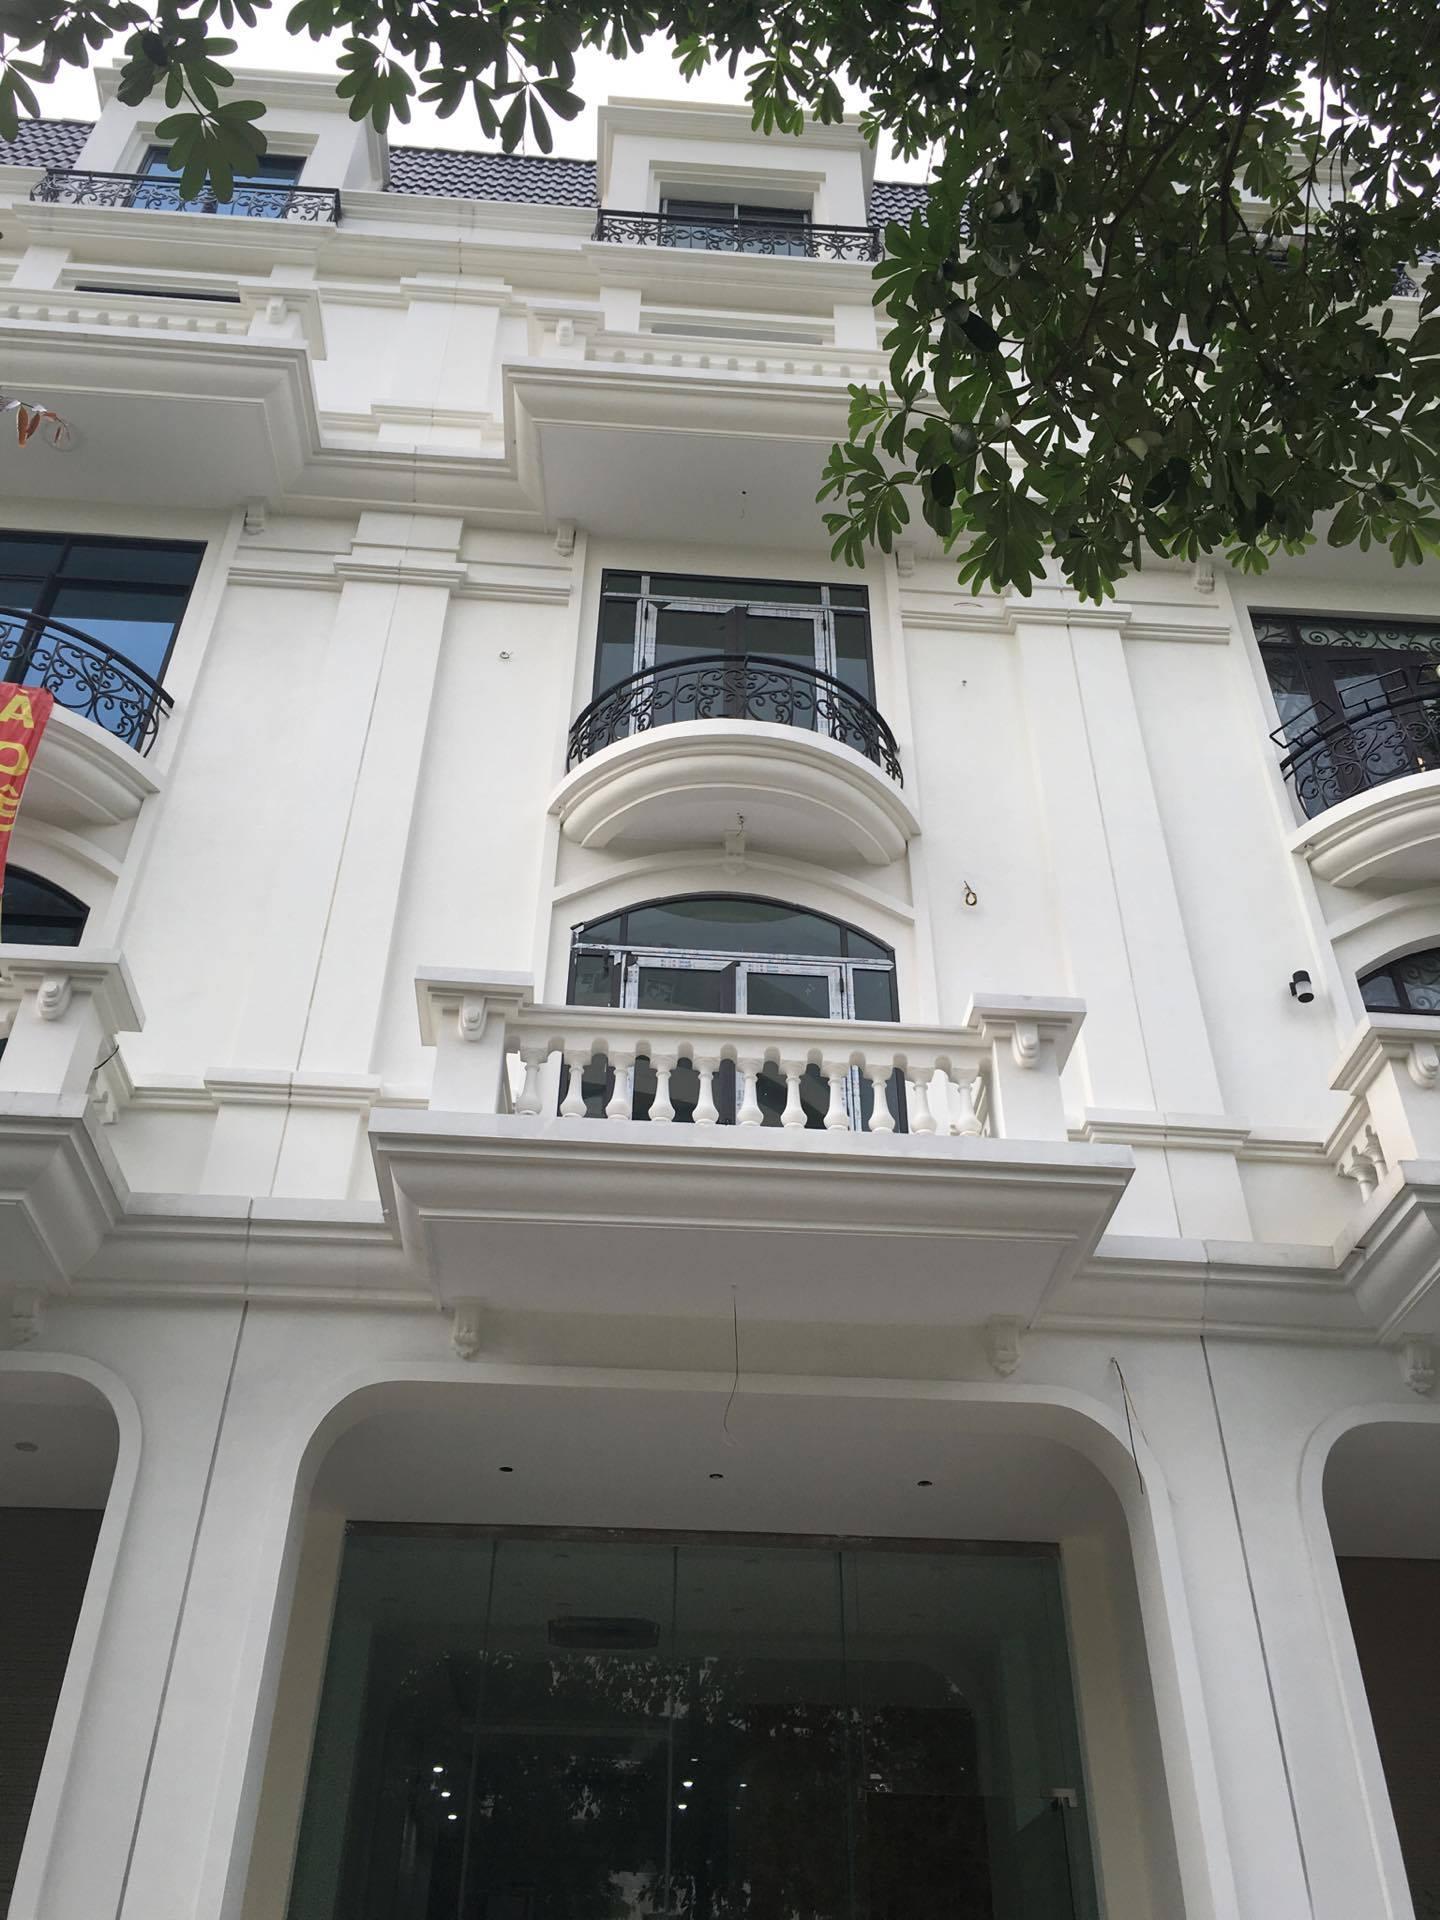 https://cdn.realtorvietnam.com/uploads/real_estate/209612141919347961665846811357452o_1503150925.jpg